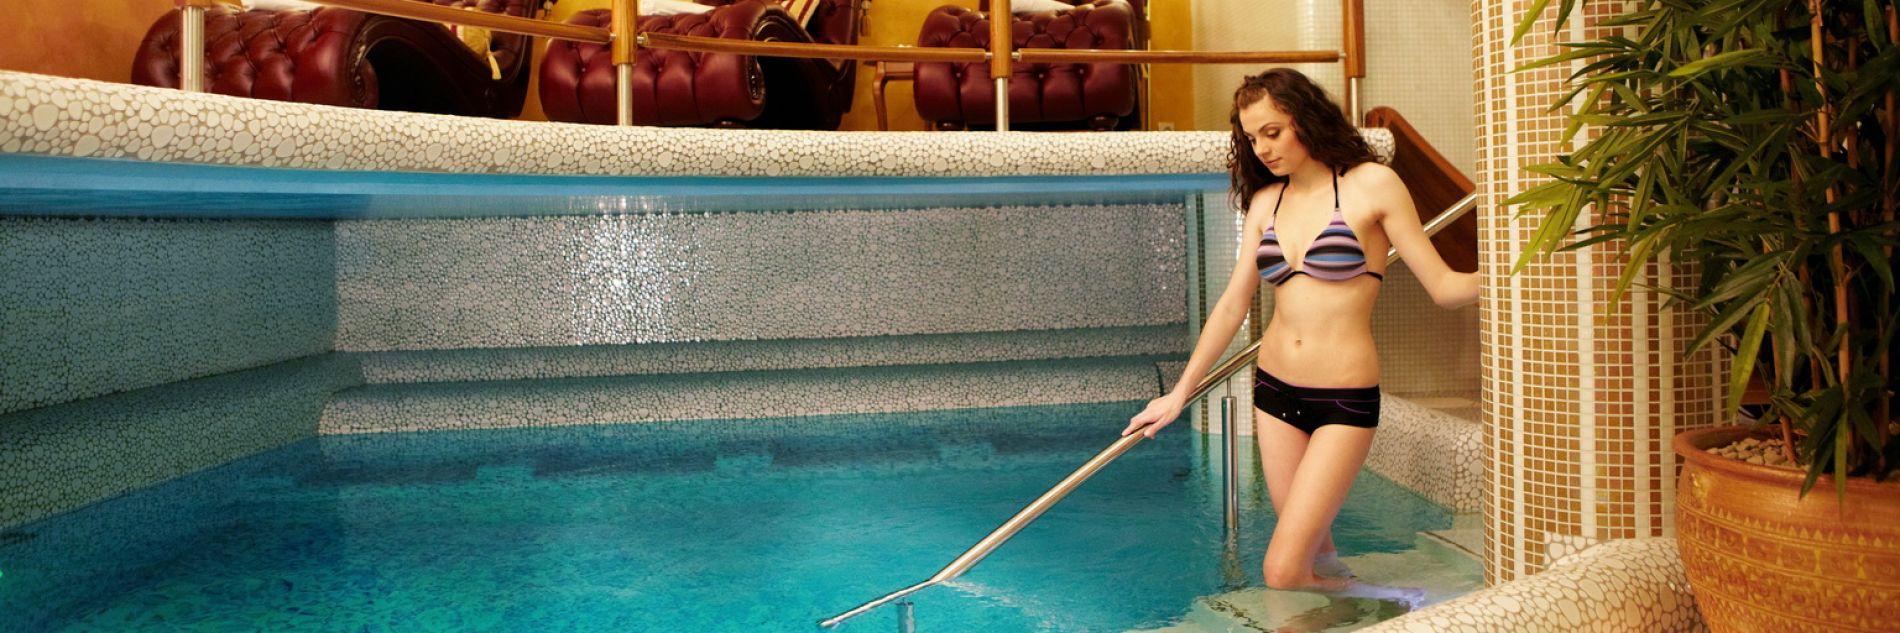 Masážny bazén_resize.jpg